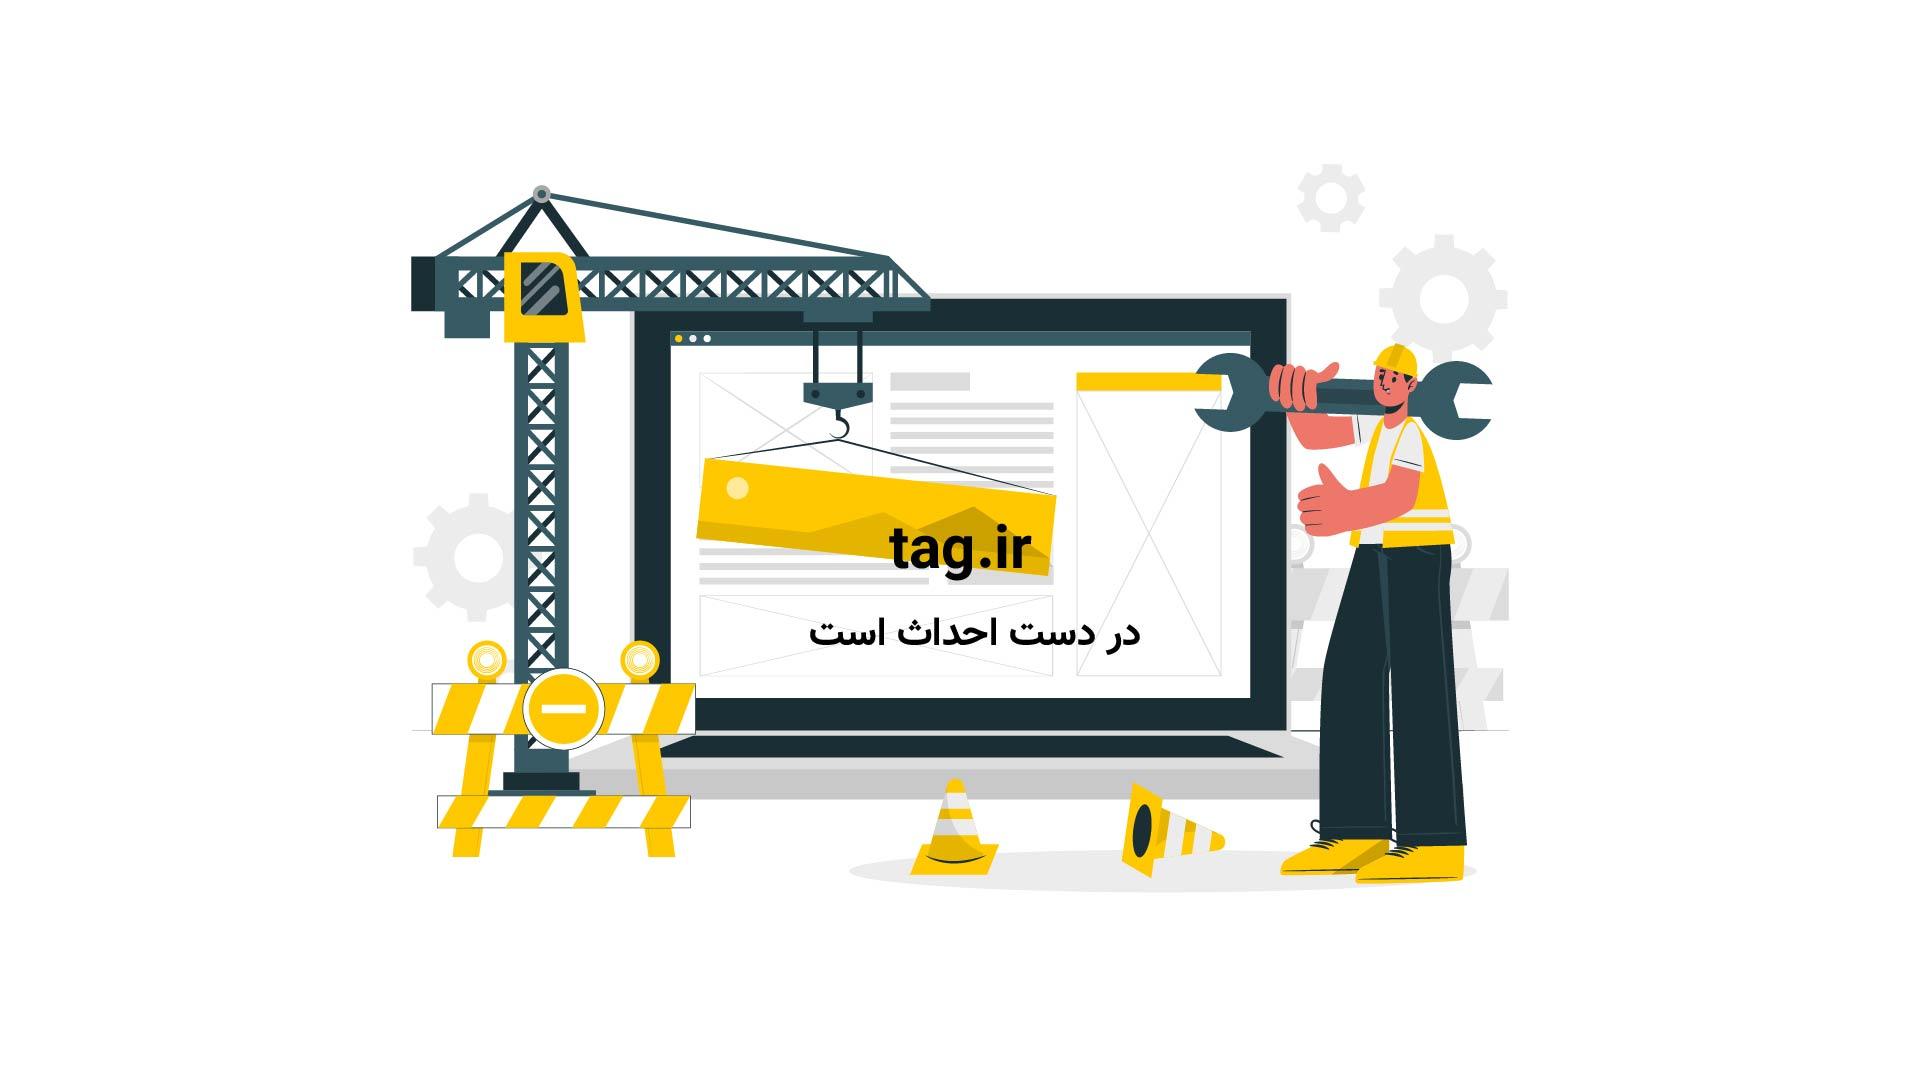 گربه های بامزه | تگ